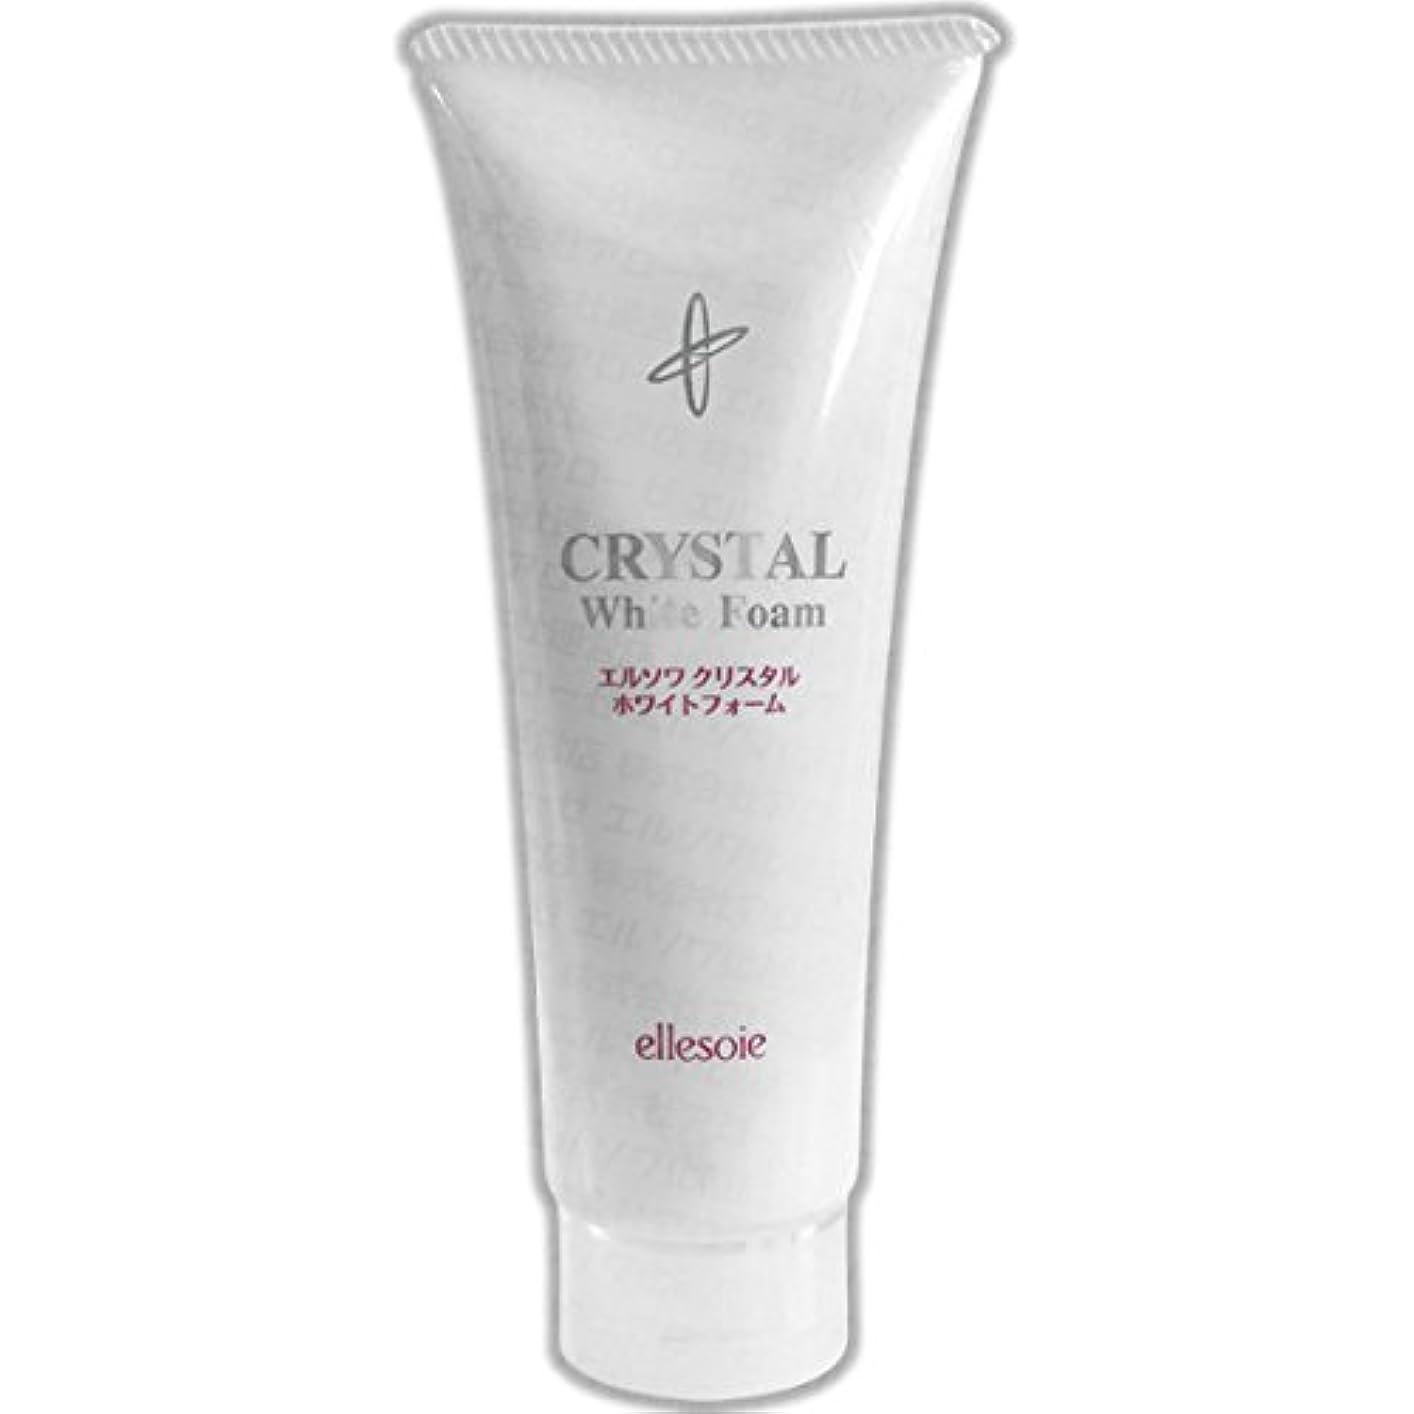 スーパー読みやすさお世話になったエルソワ化粧品(ellesoie) クリスタル ホワイトフォーム 洗顔